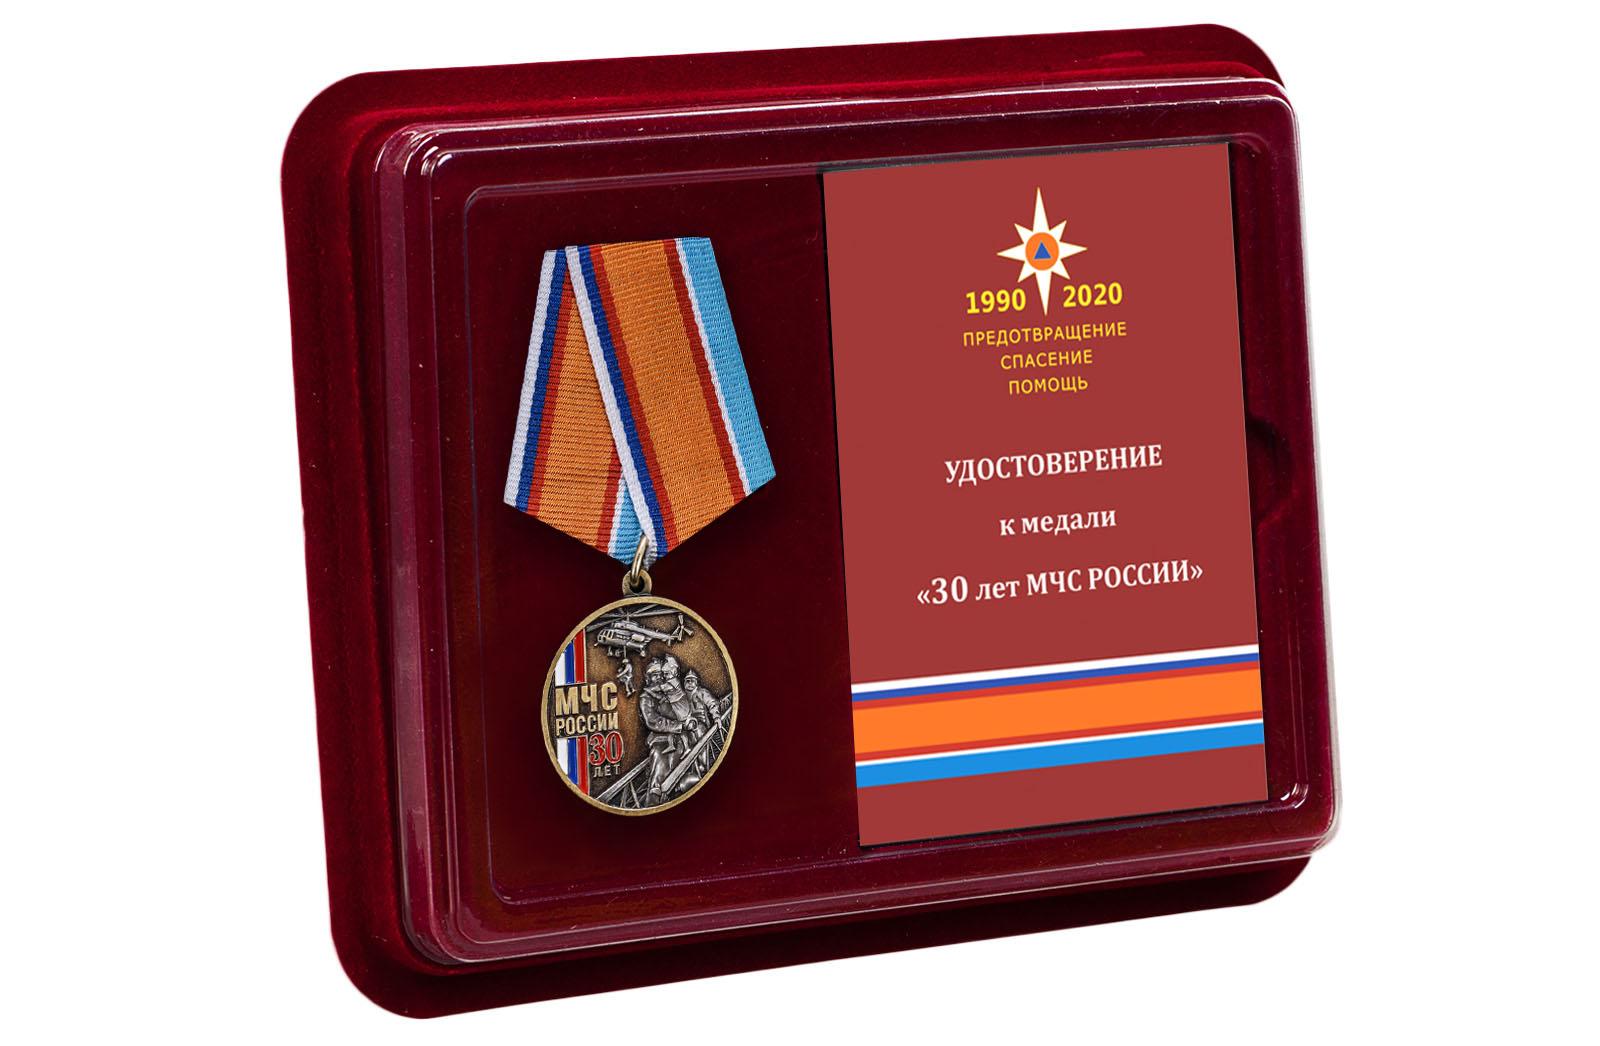 Нагрудная медаль 30 лет МЧС России - в футляре